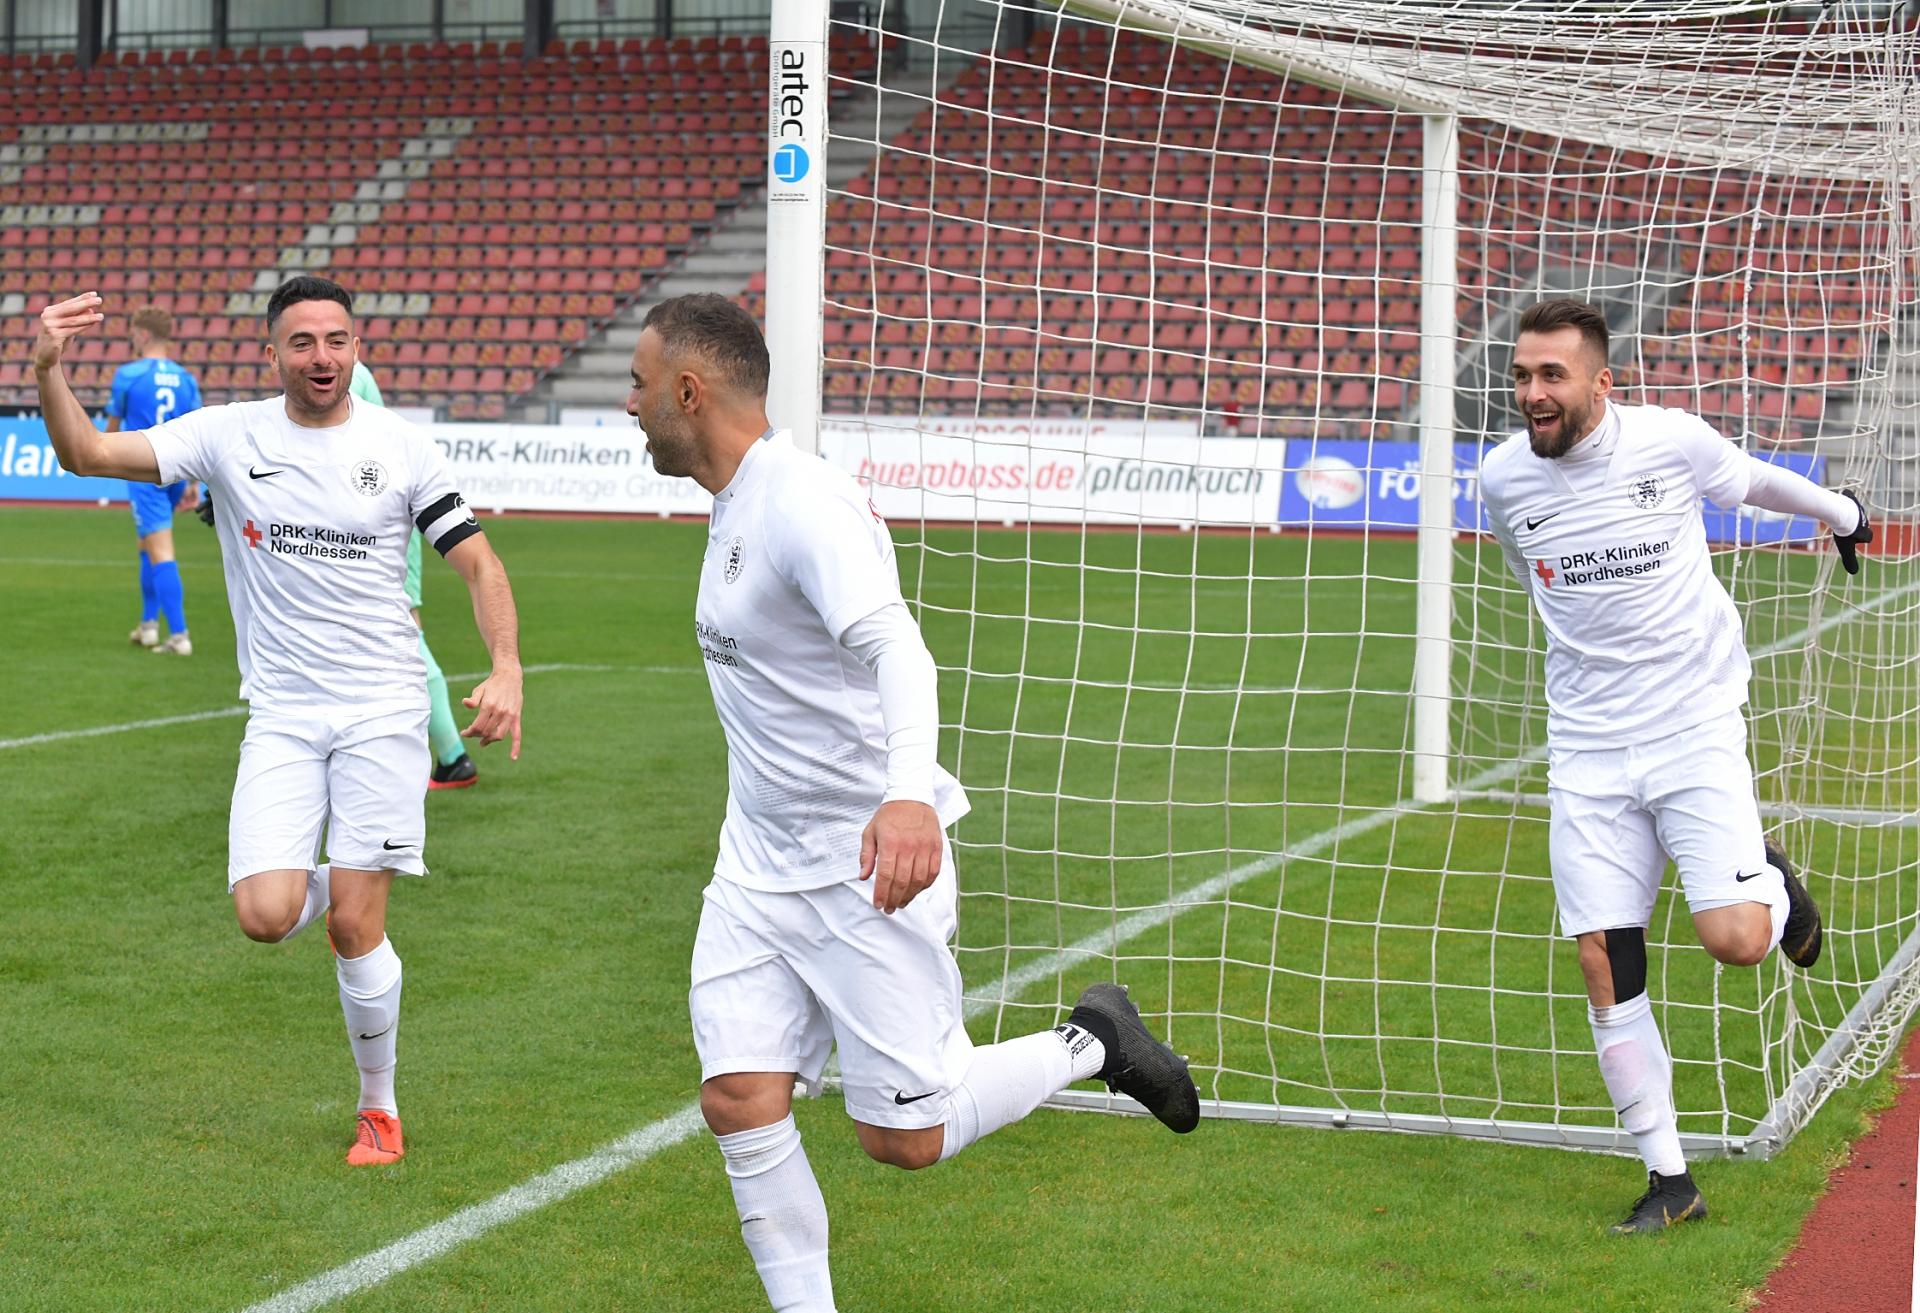 Löwen wollen gegen Mainz II in die Erfolgsspur zurück